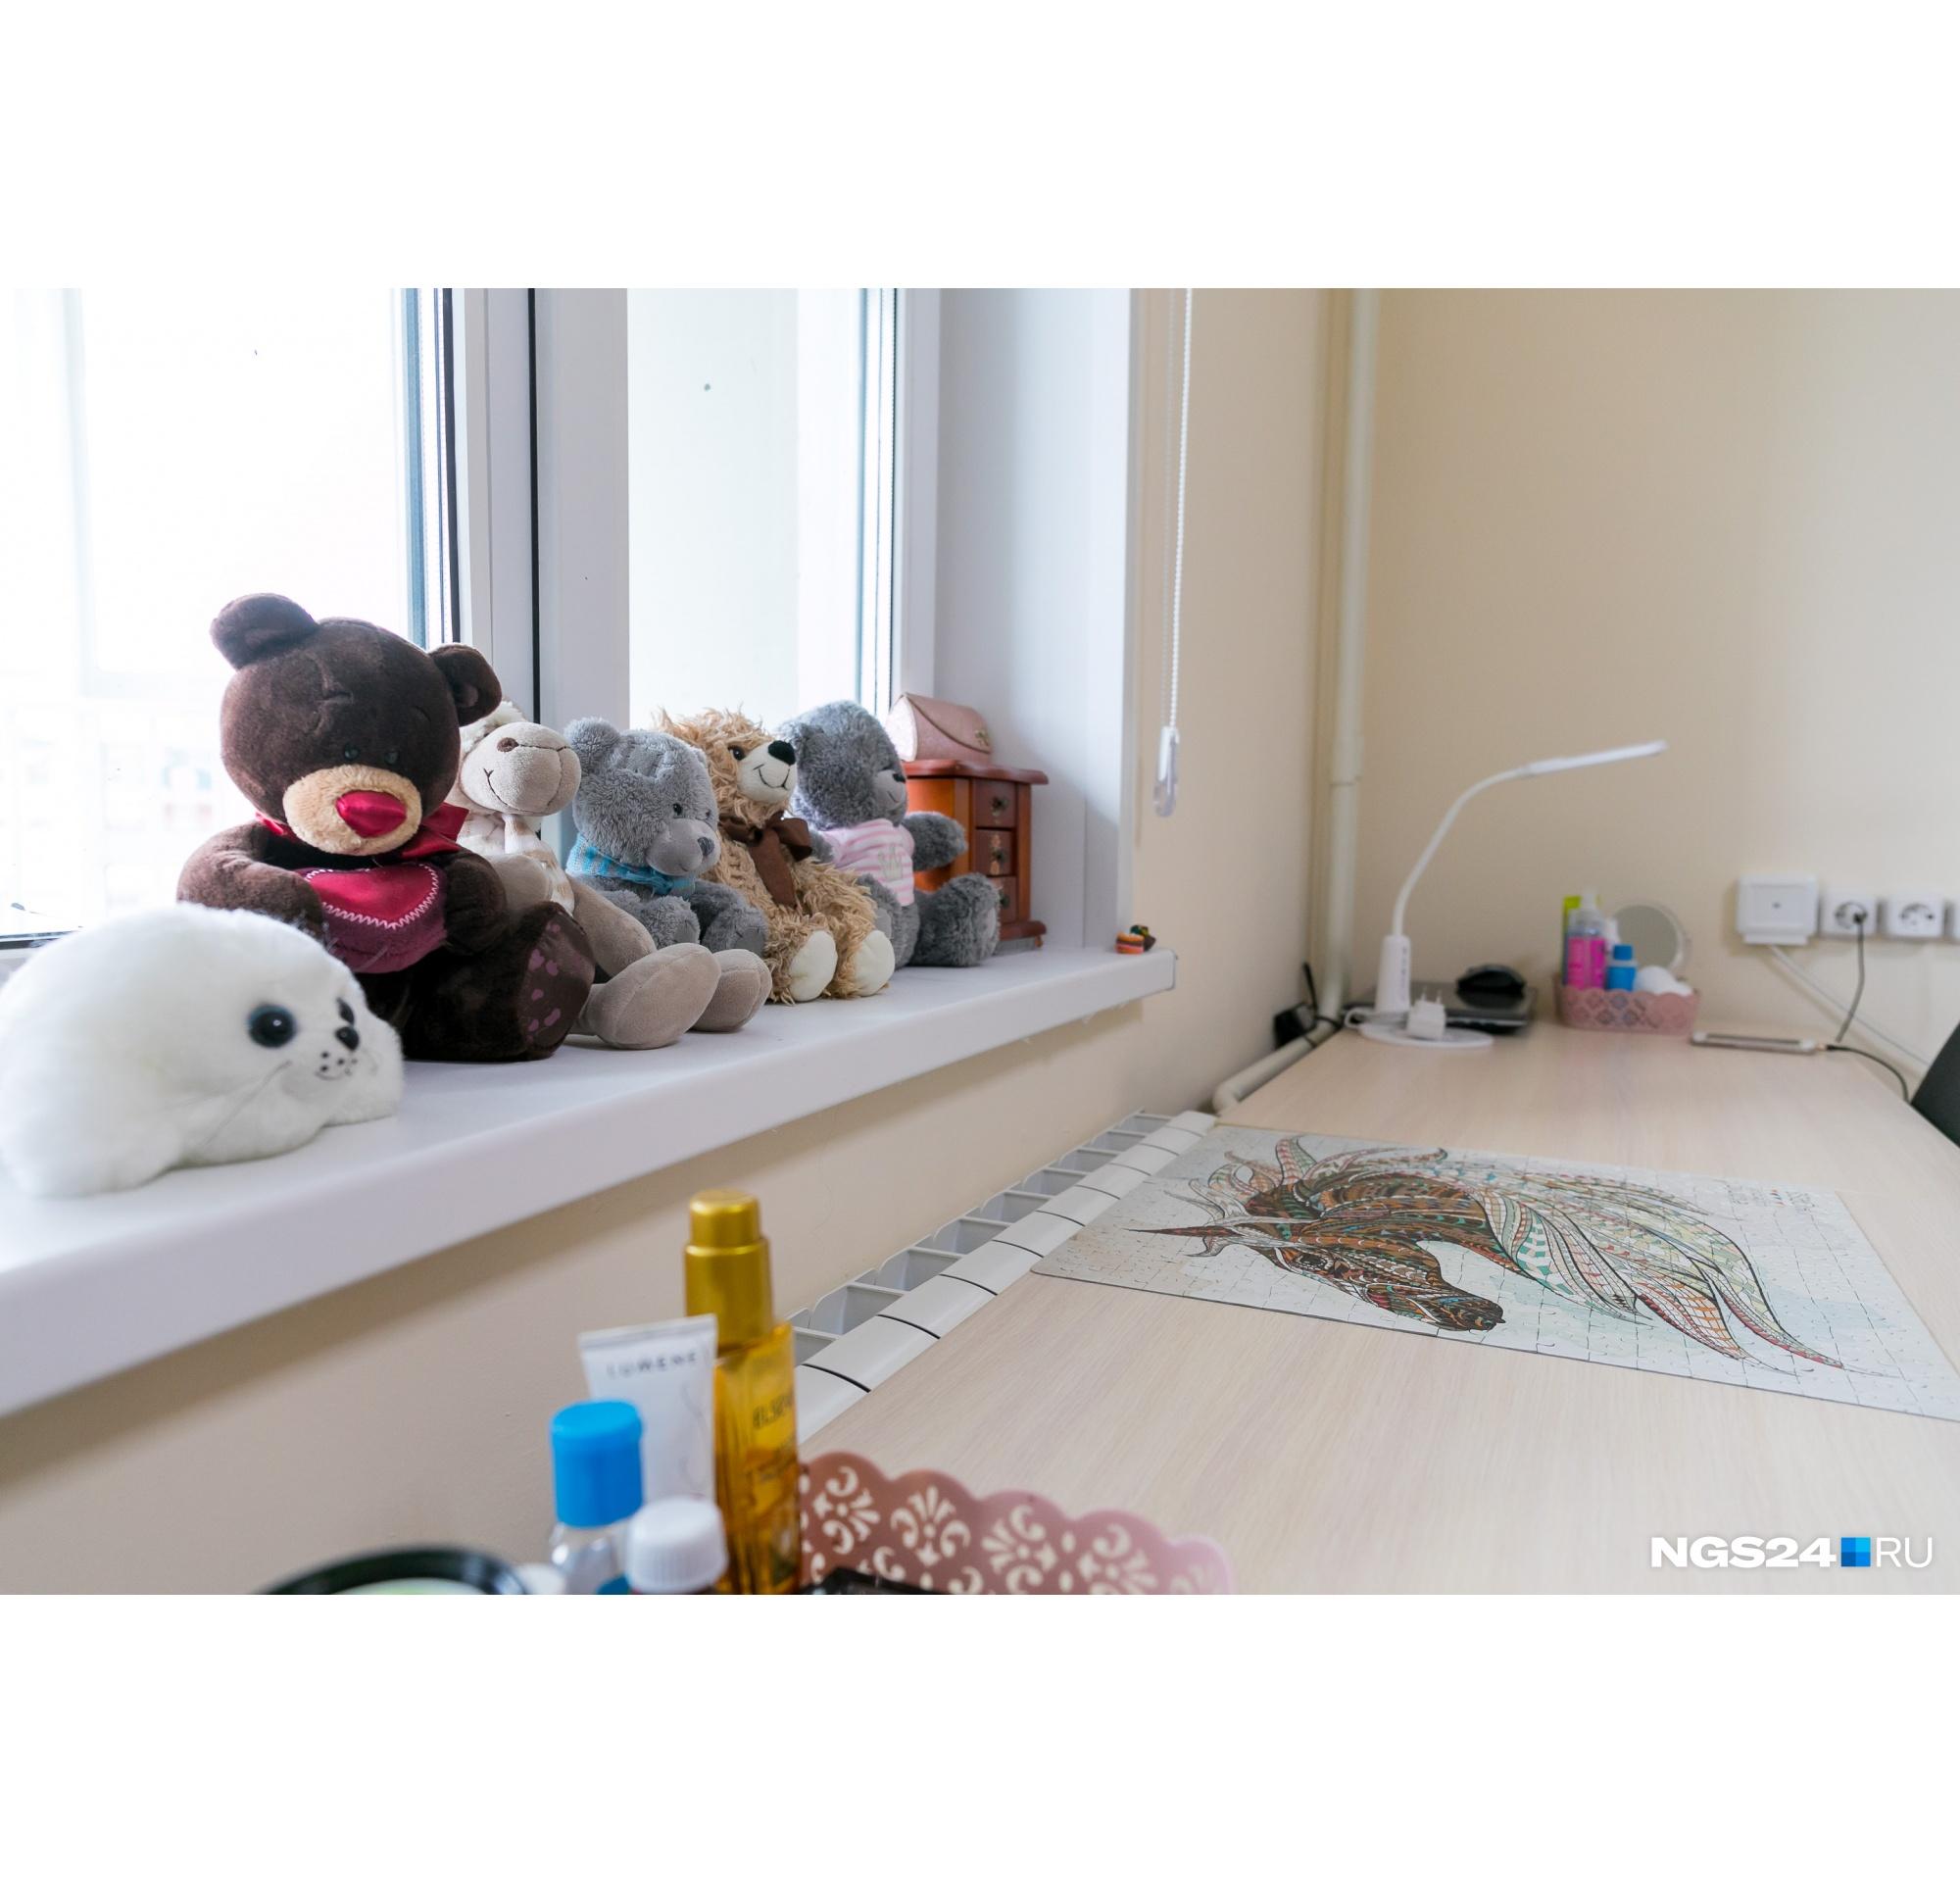 Девушки добавили милые вещицы в интерьер, чтобы сделать его более уютным